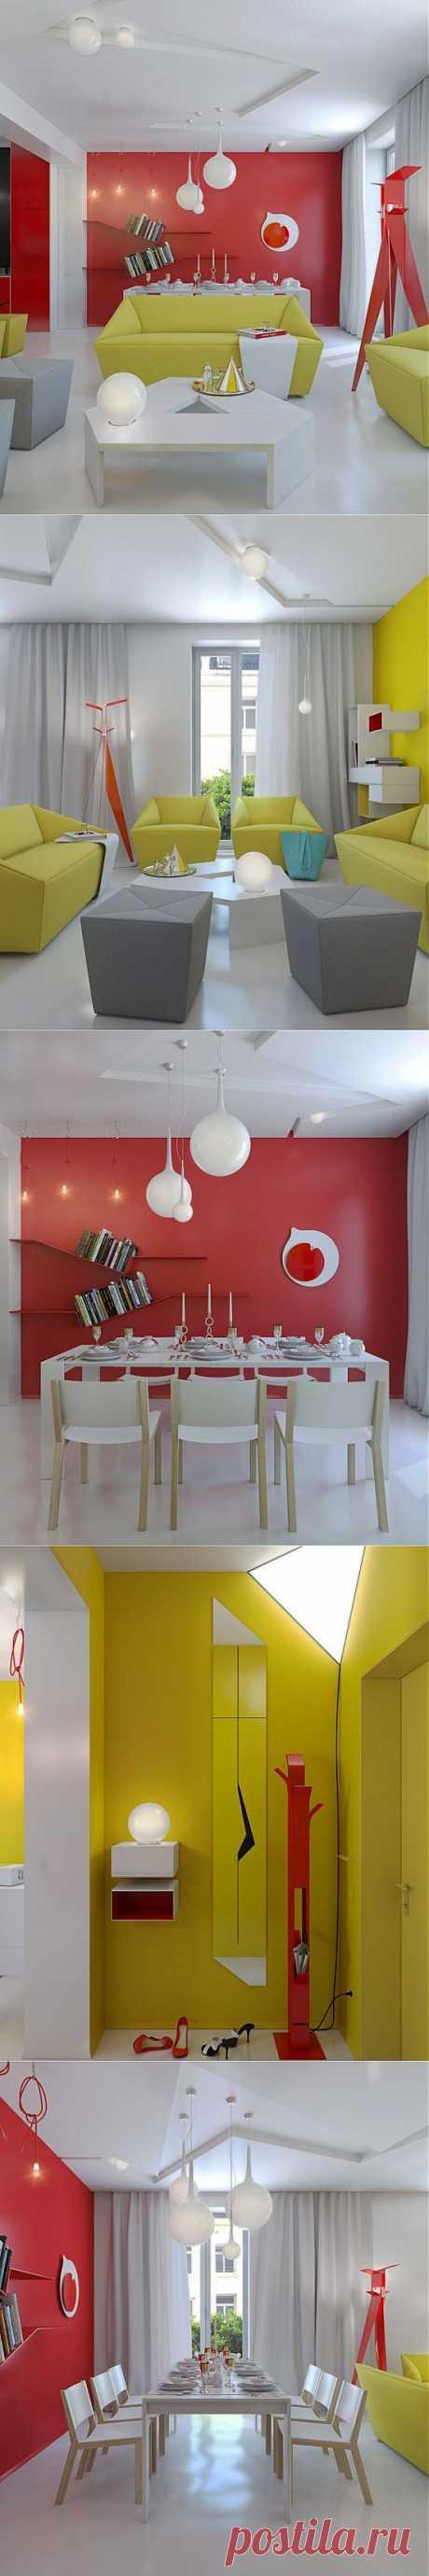 (+1) - Яркий дизайн квартиры | МОЙ ДОМ